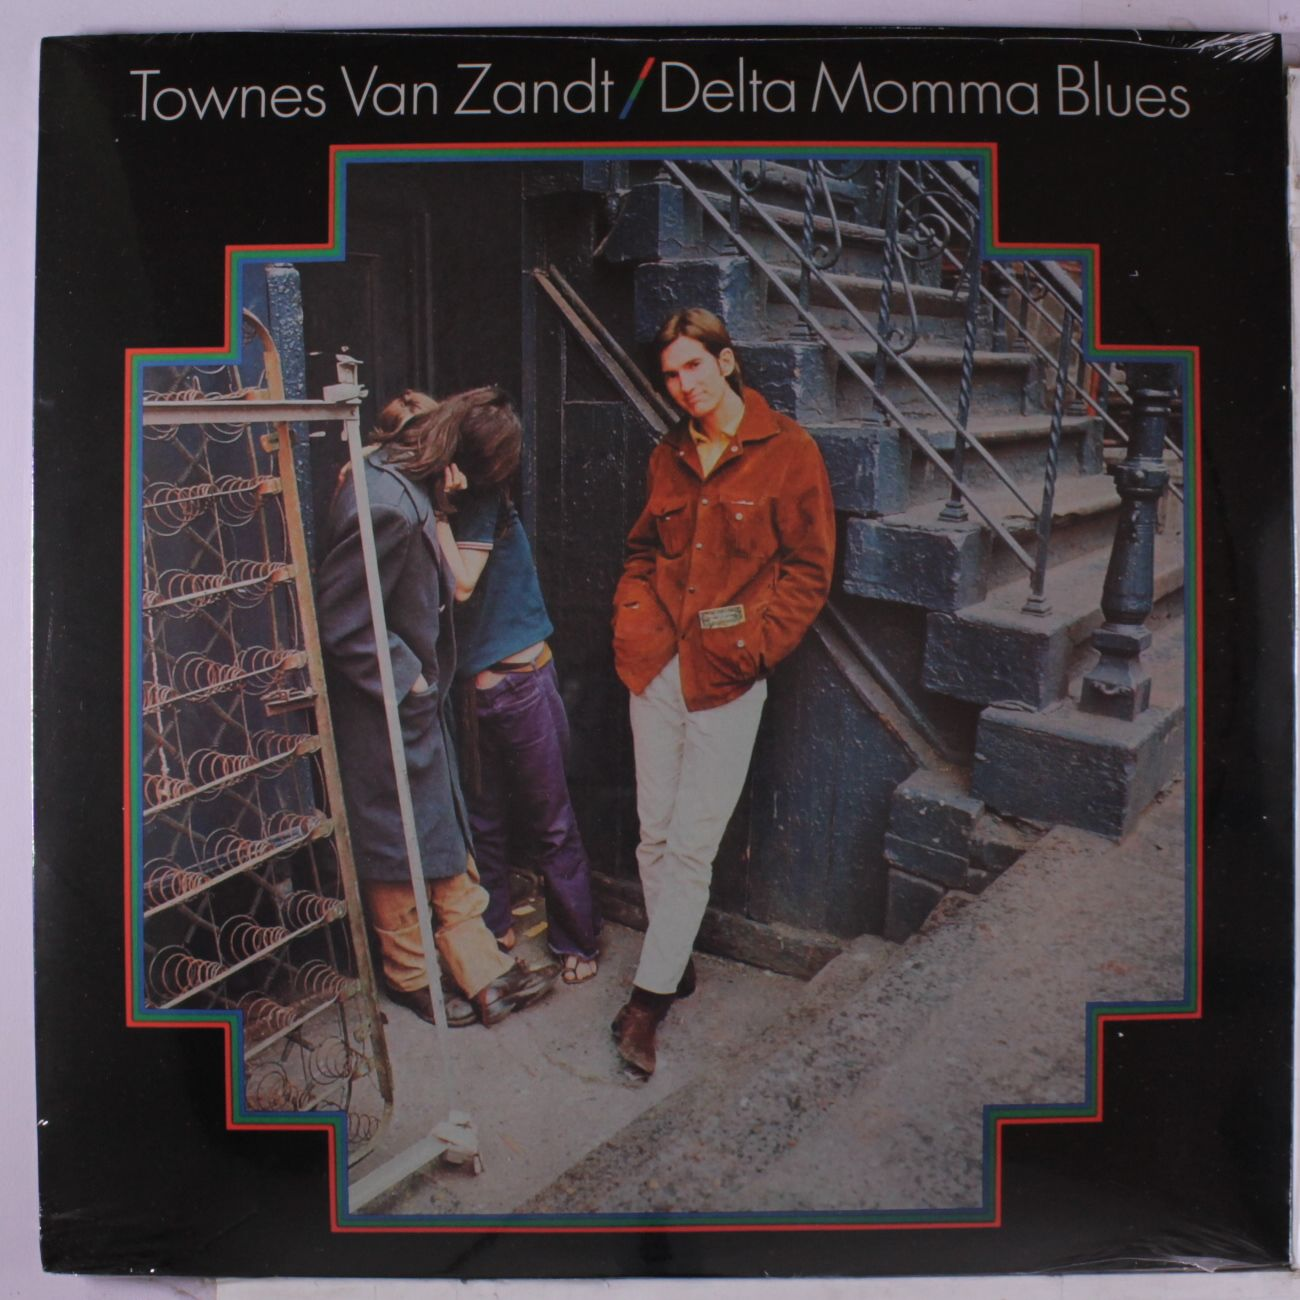 Townes Van Zandt - Delta Mamma Blues (1971)